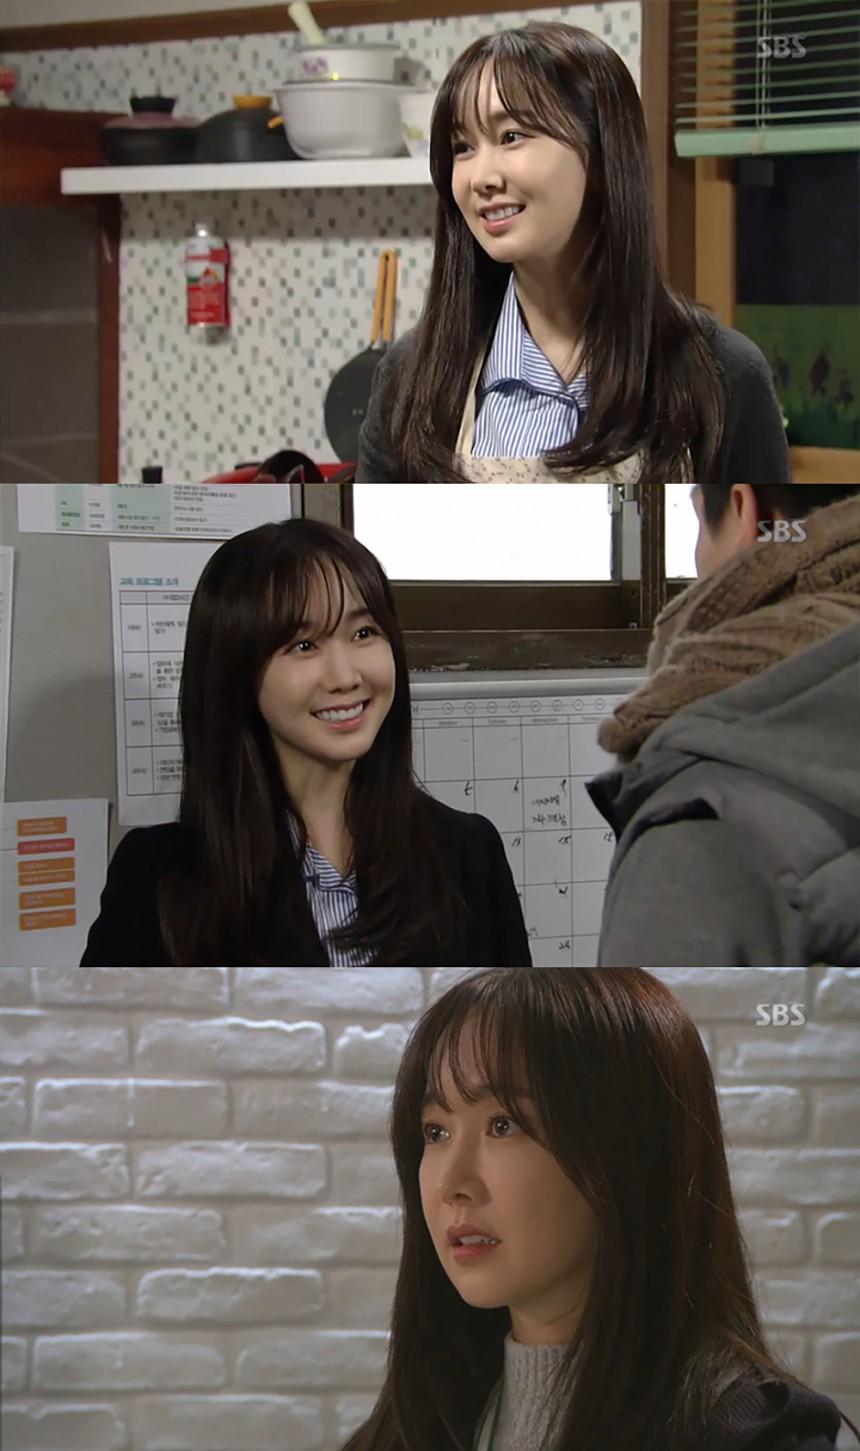 '아임쏘리 강남구' 김민서 / SBS '아임쏘리 강남구' 화면 캡처